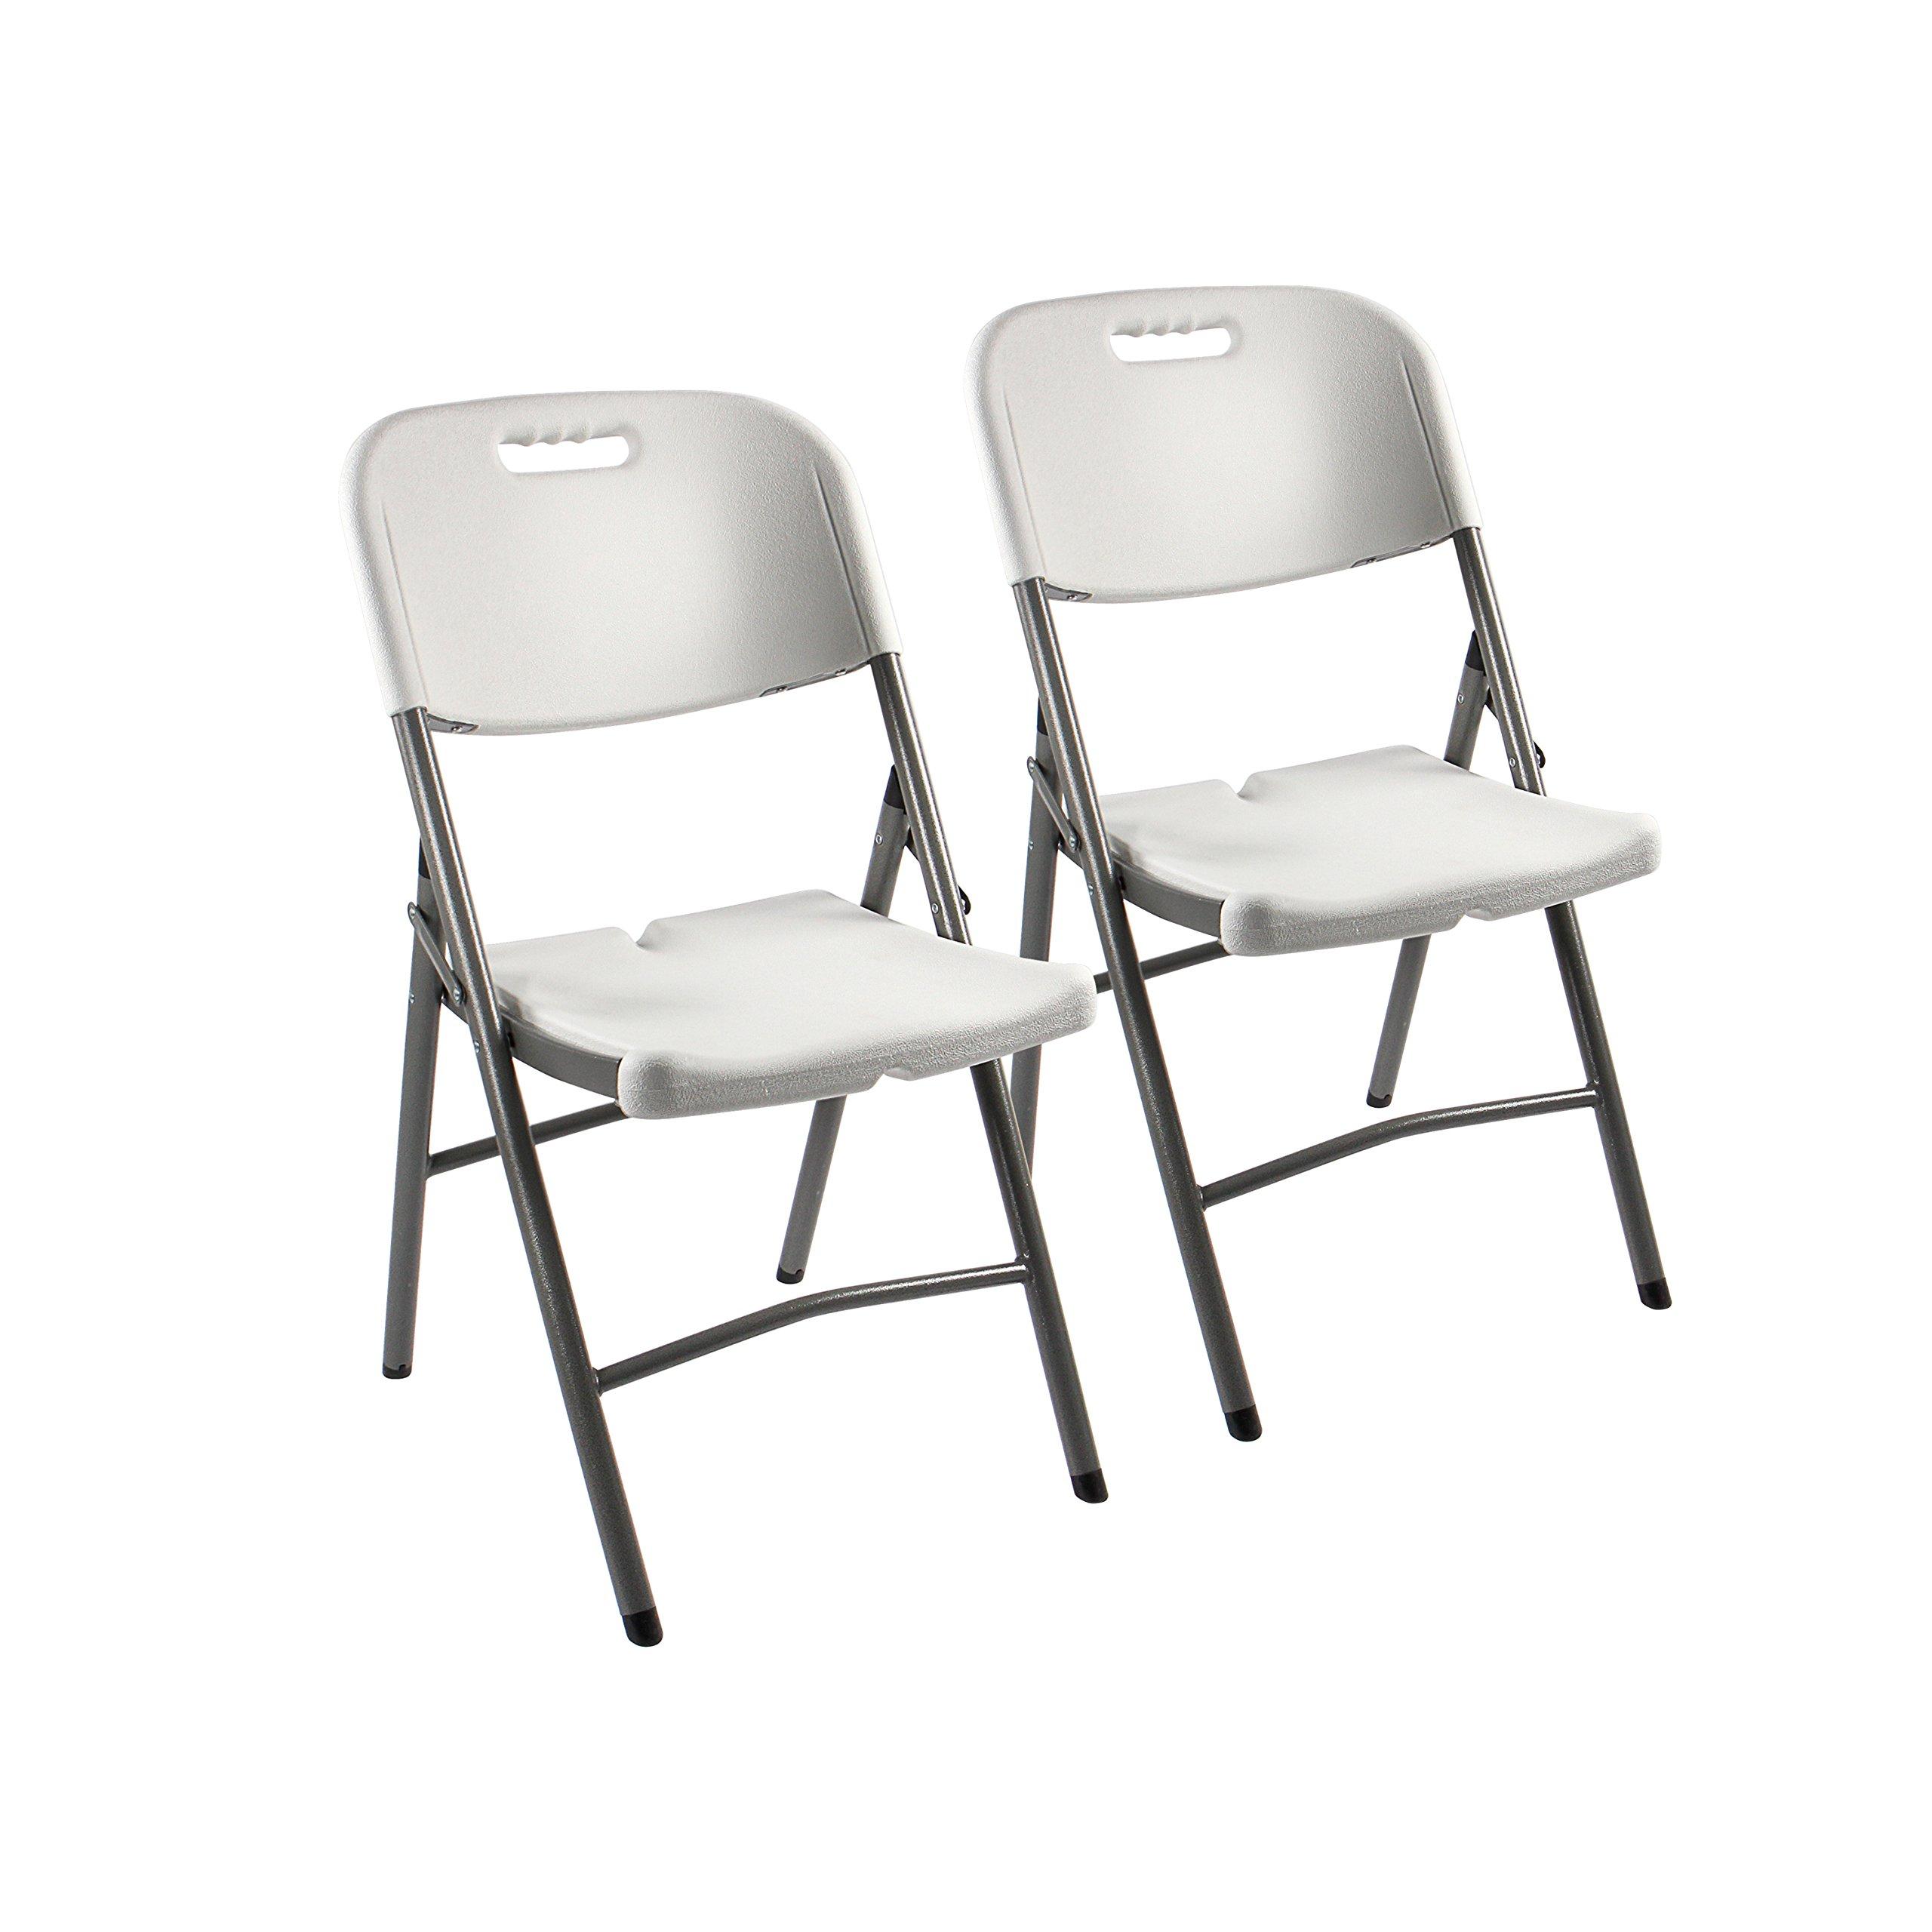 Vanage Klappstuhl In Weiß   Gartenstuhl Im 2er Set   Klappsessel    Gartenmöbel   Stuhl Für Garten, Terrasse Und Balkon Geeignet